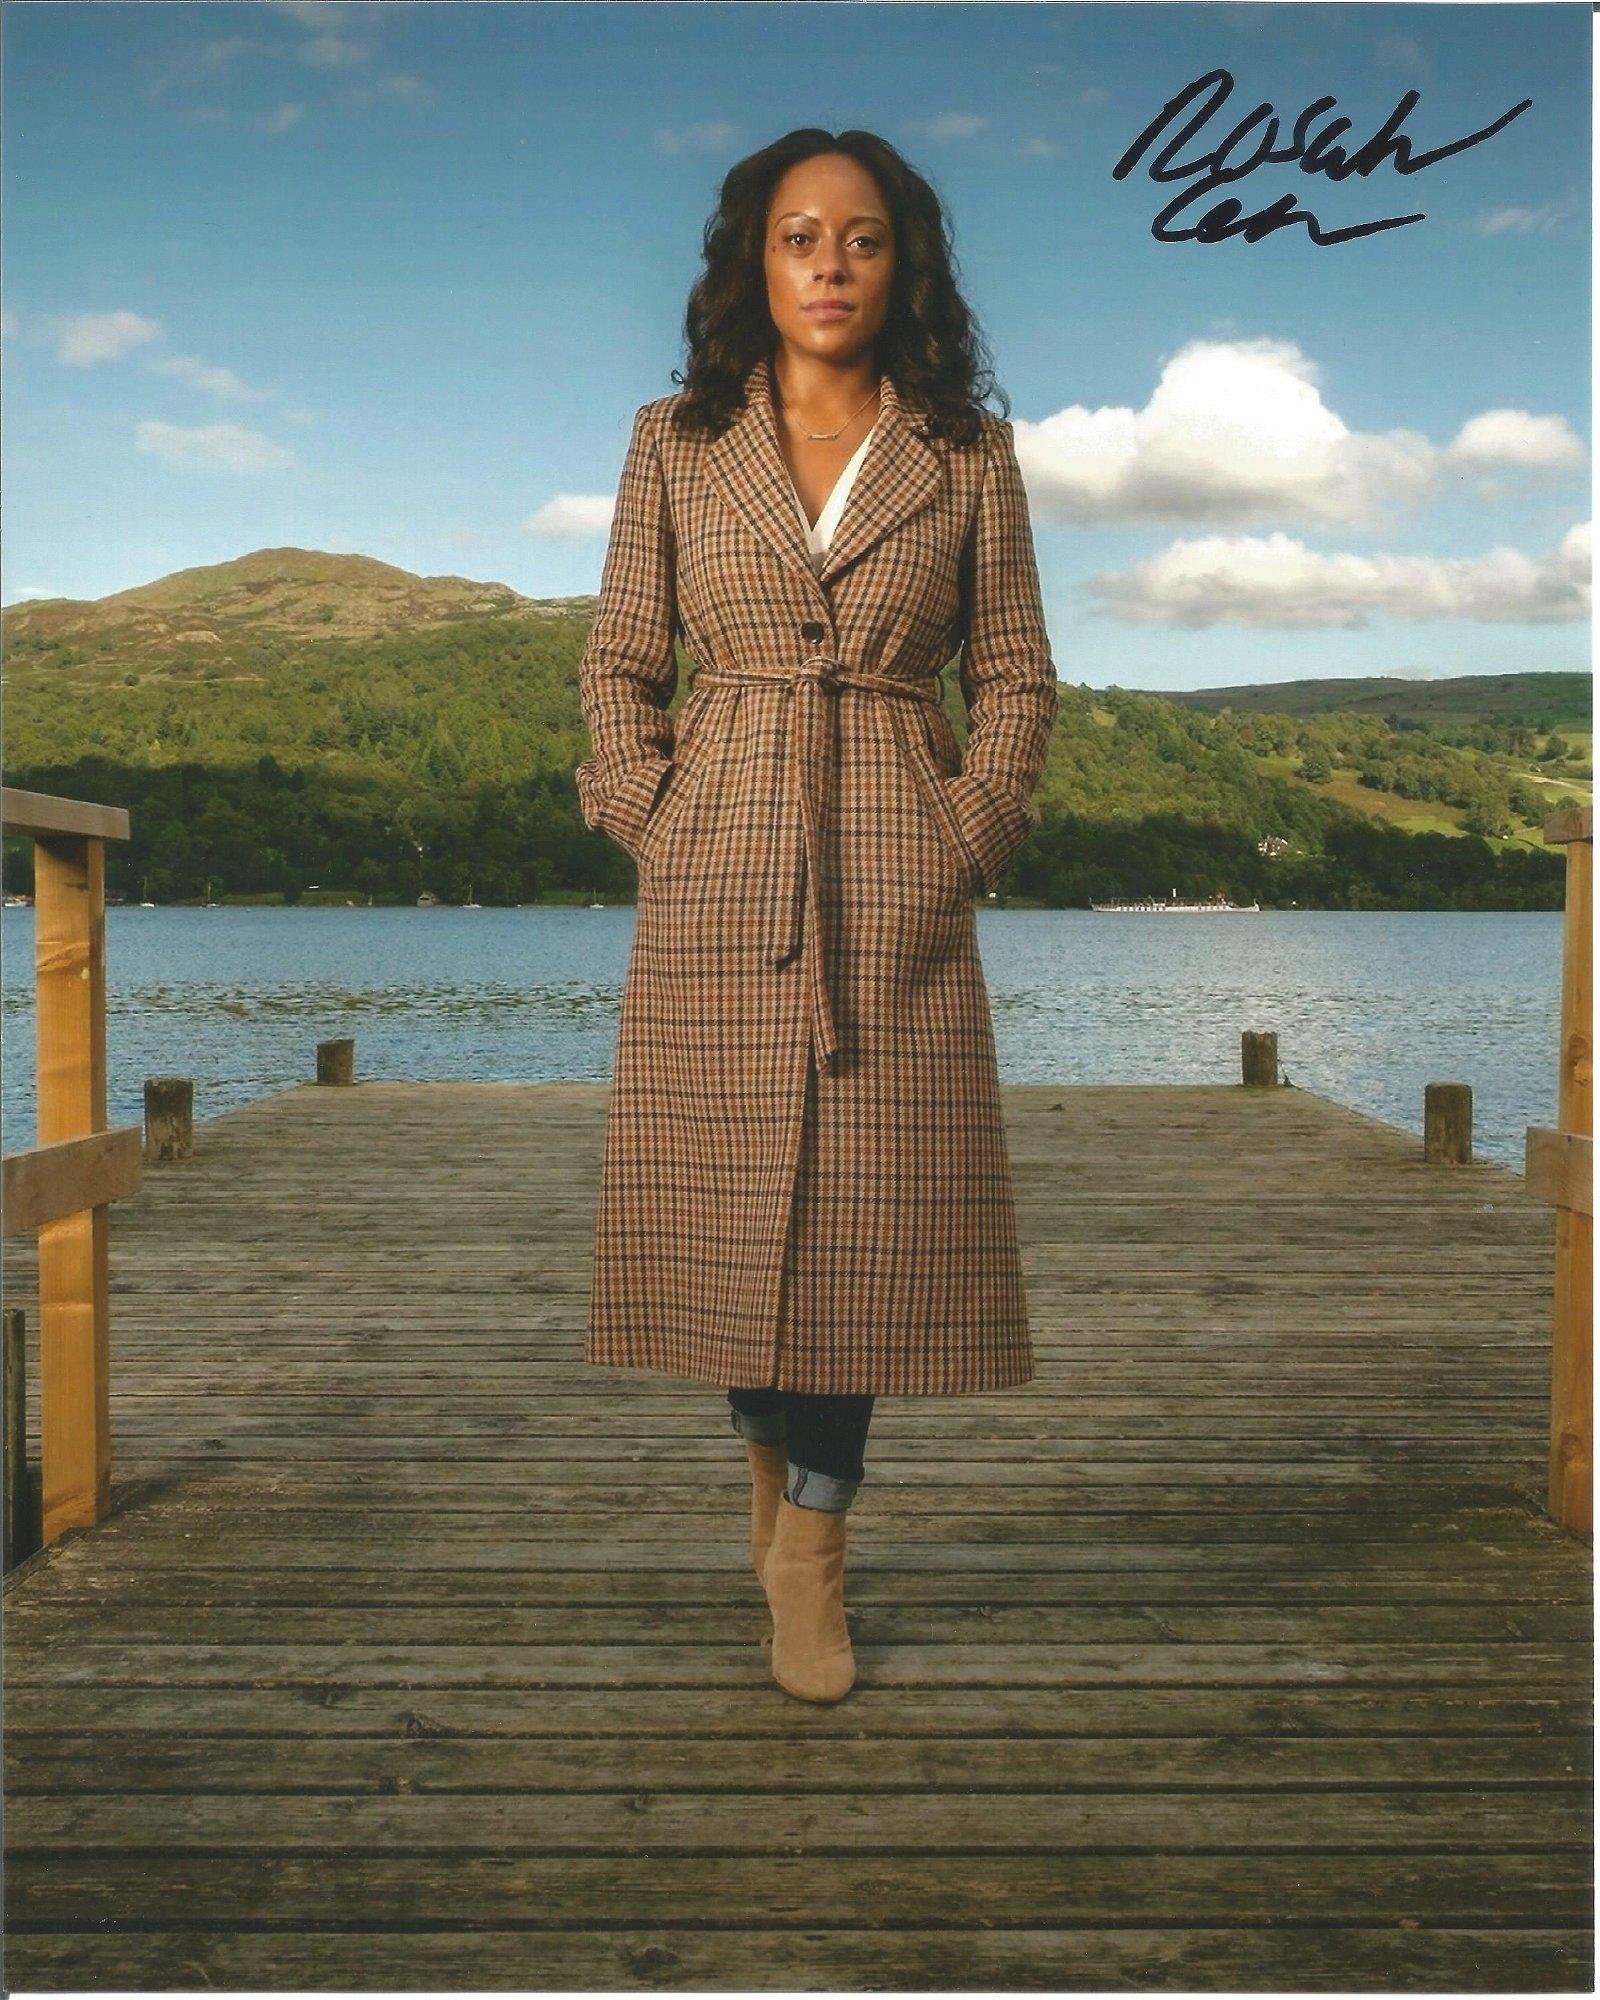 Rosalind Eleazar Actress Signed 8x10 Photo . Good